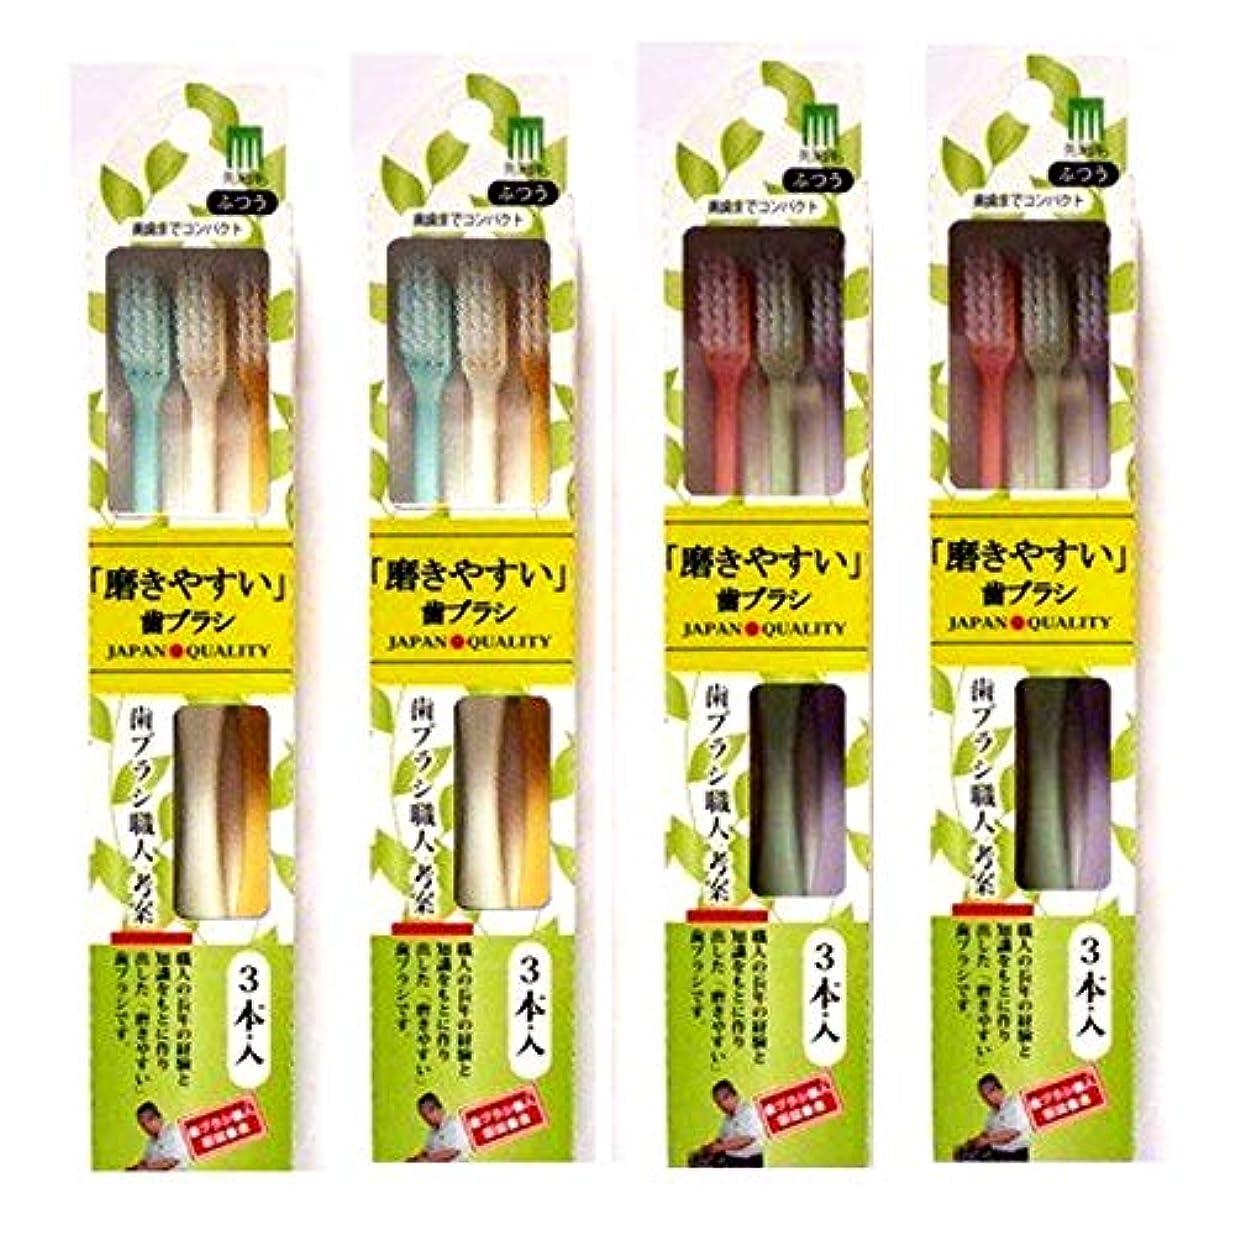 ペリスコープ肉腫うめき声磨きやすい歯ブラシ (先細毛) 奥までコンパクト ELT-1 (3本組×4個セット)